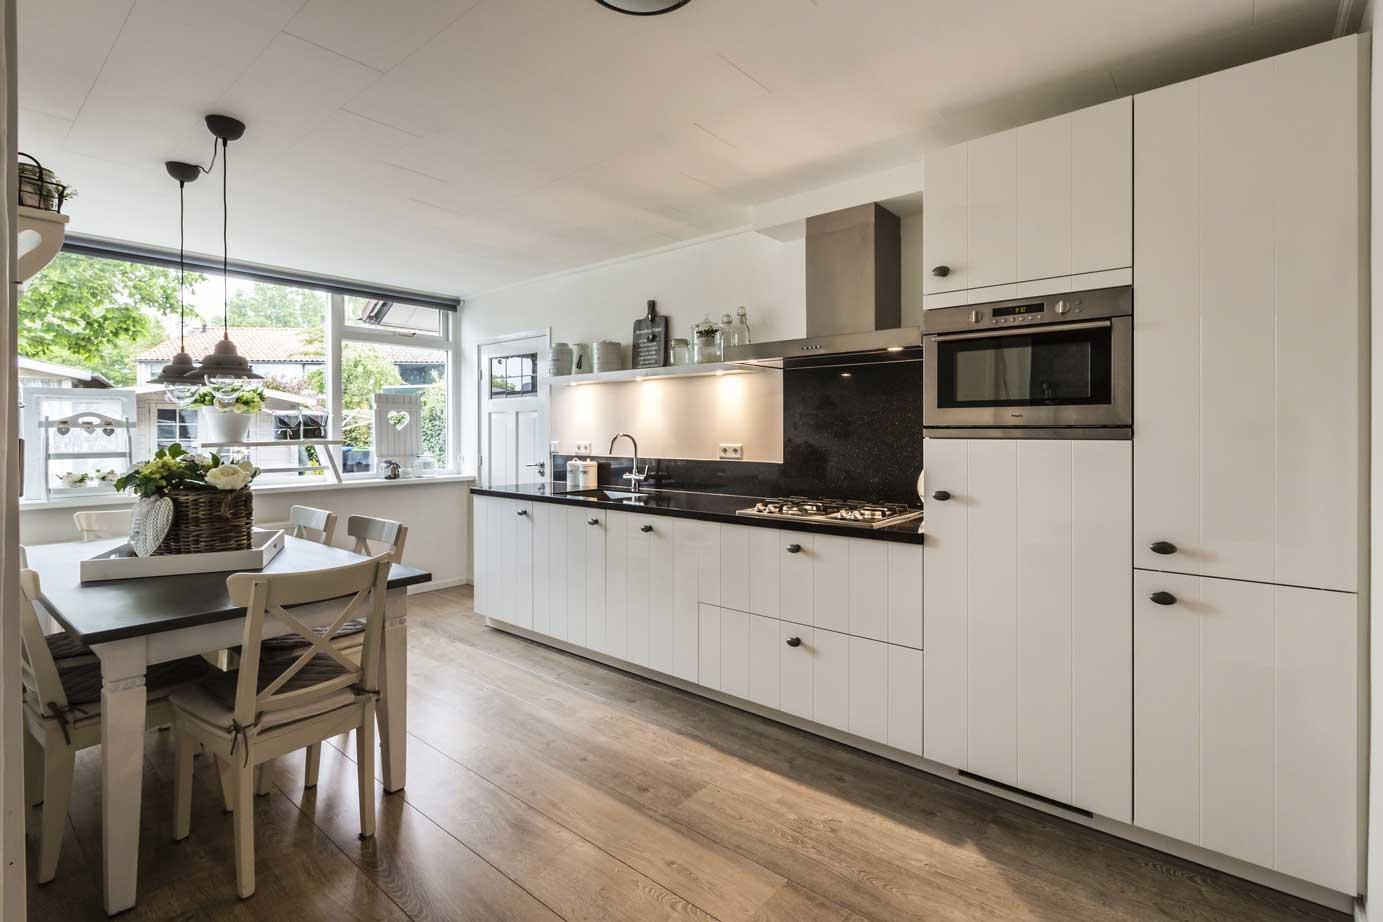 Moderne Keuken Lampen : Meer licht meer licht en ruimte in de keuken lees tips db keukens